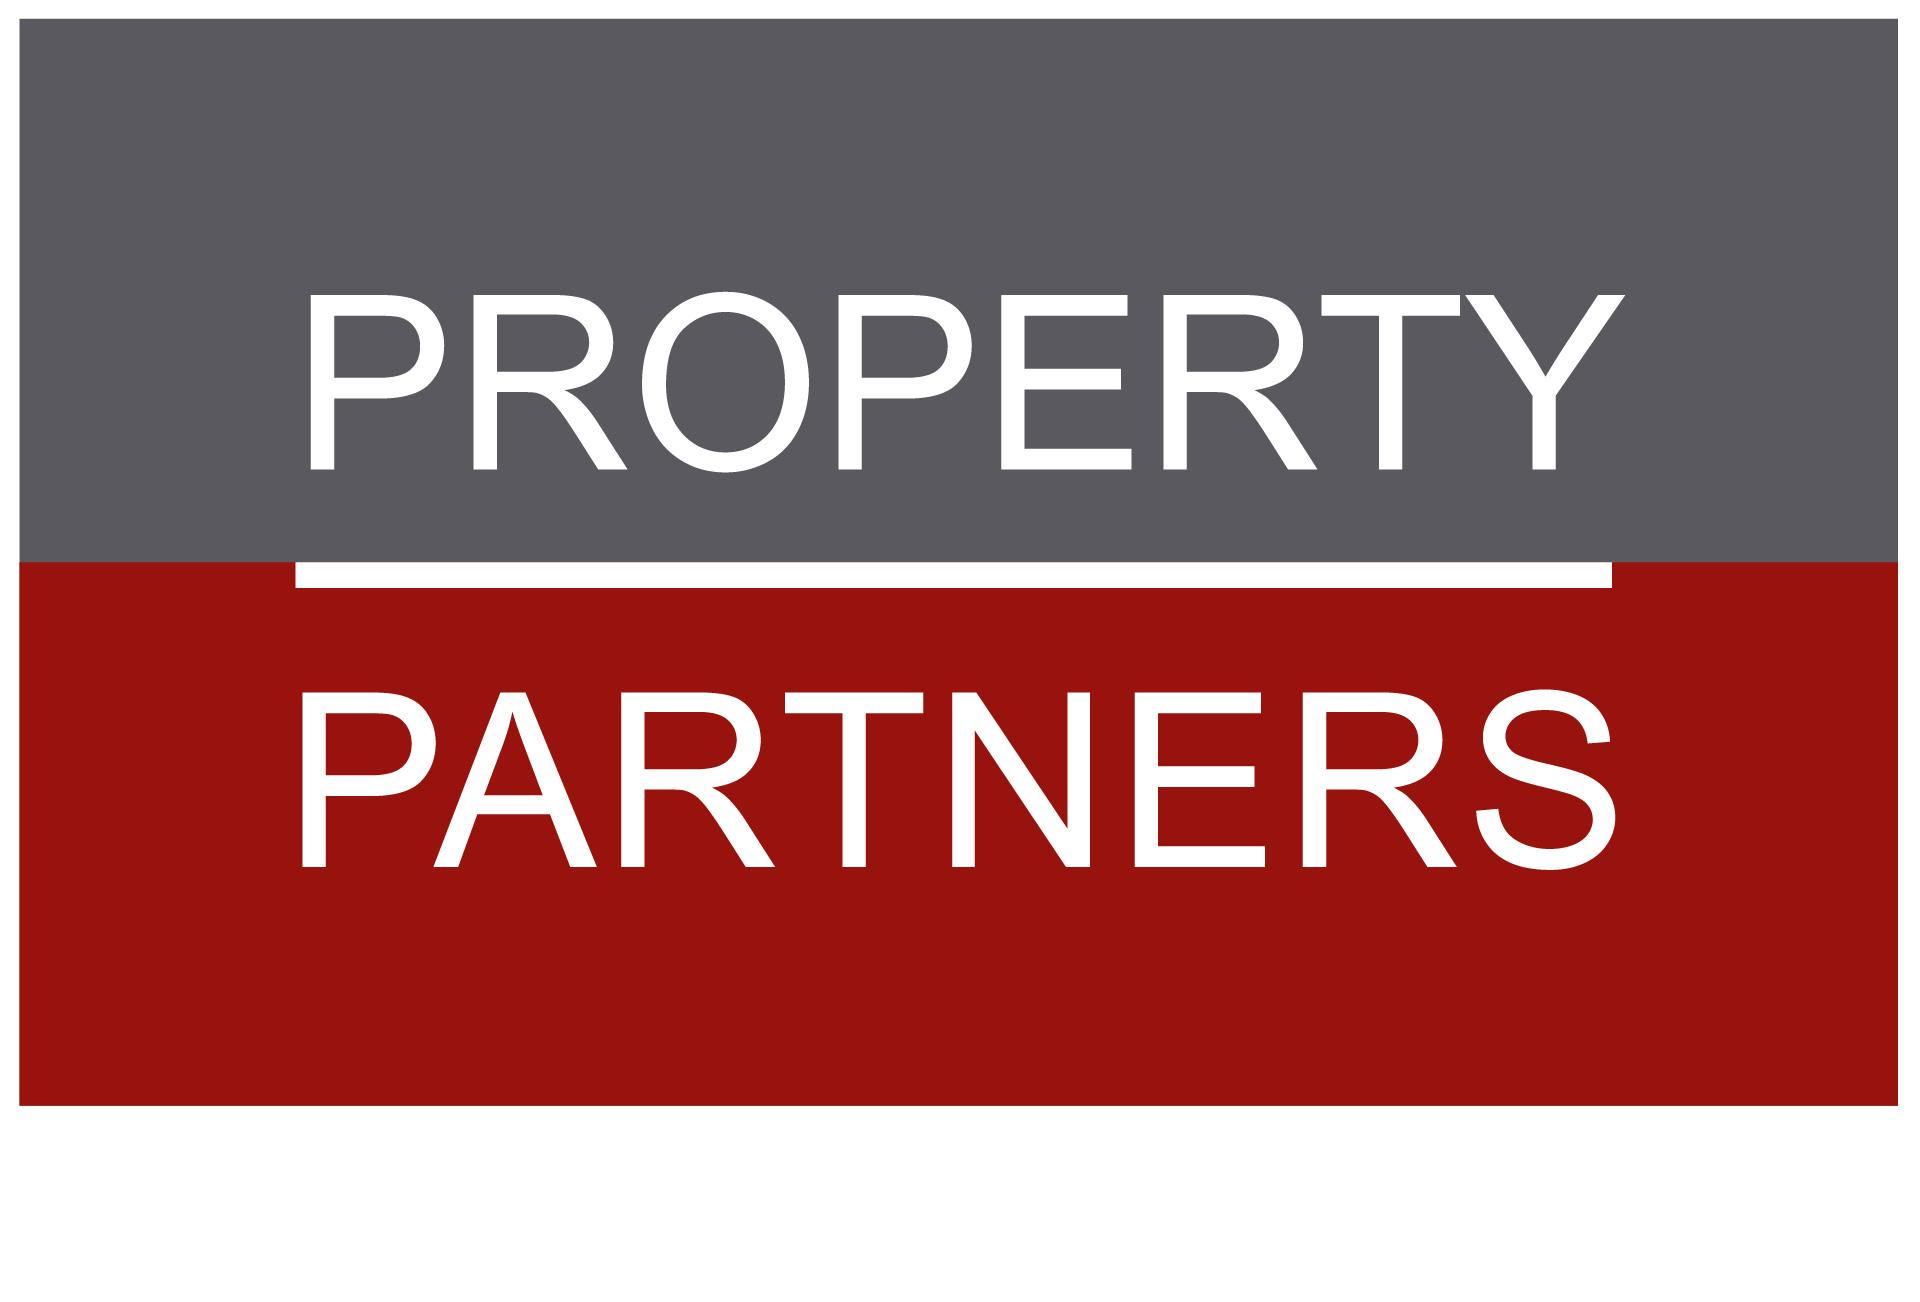 Elu Meilleur service client Property 2019 !